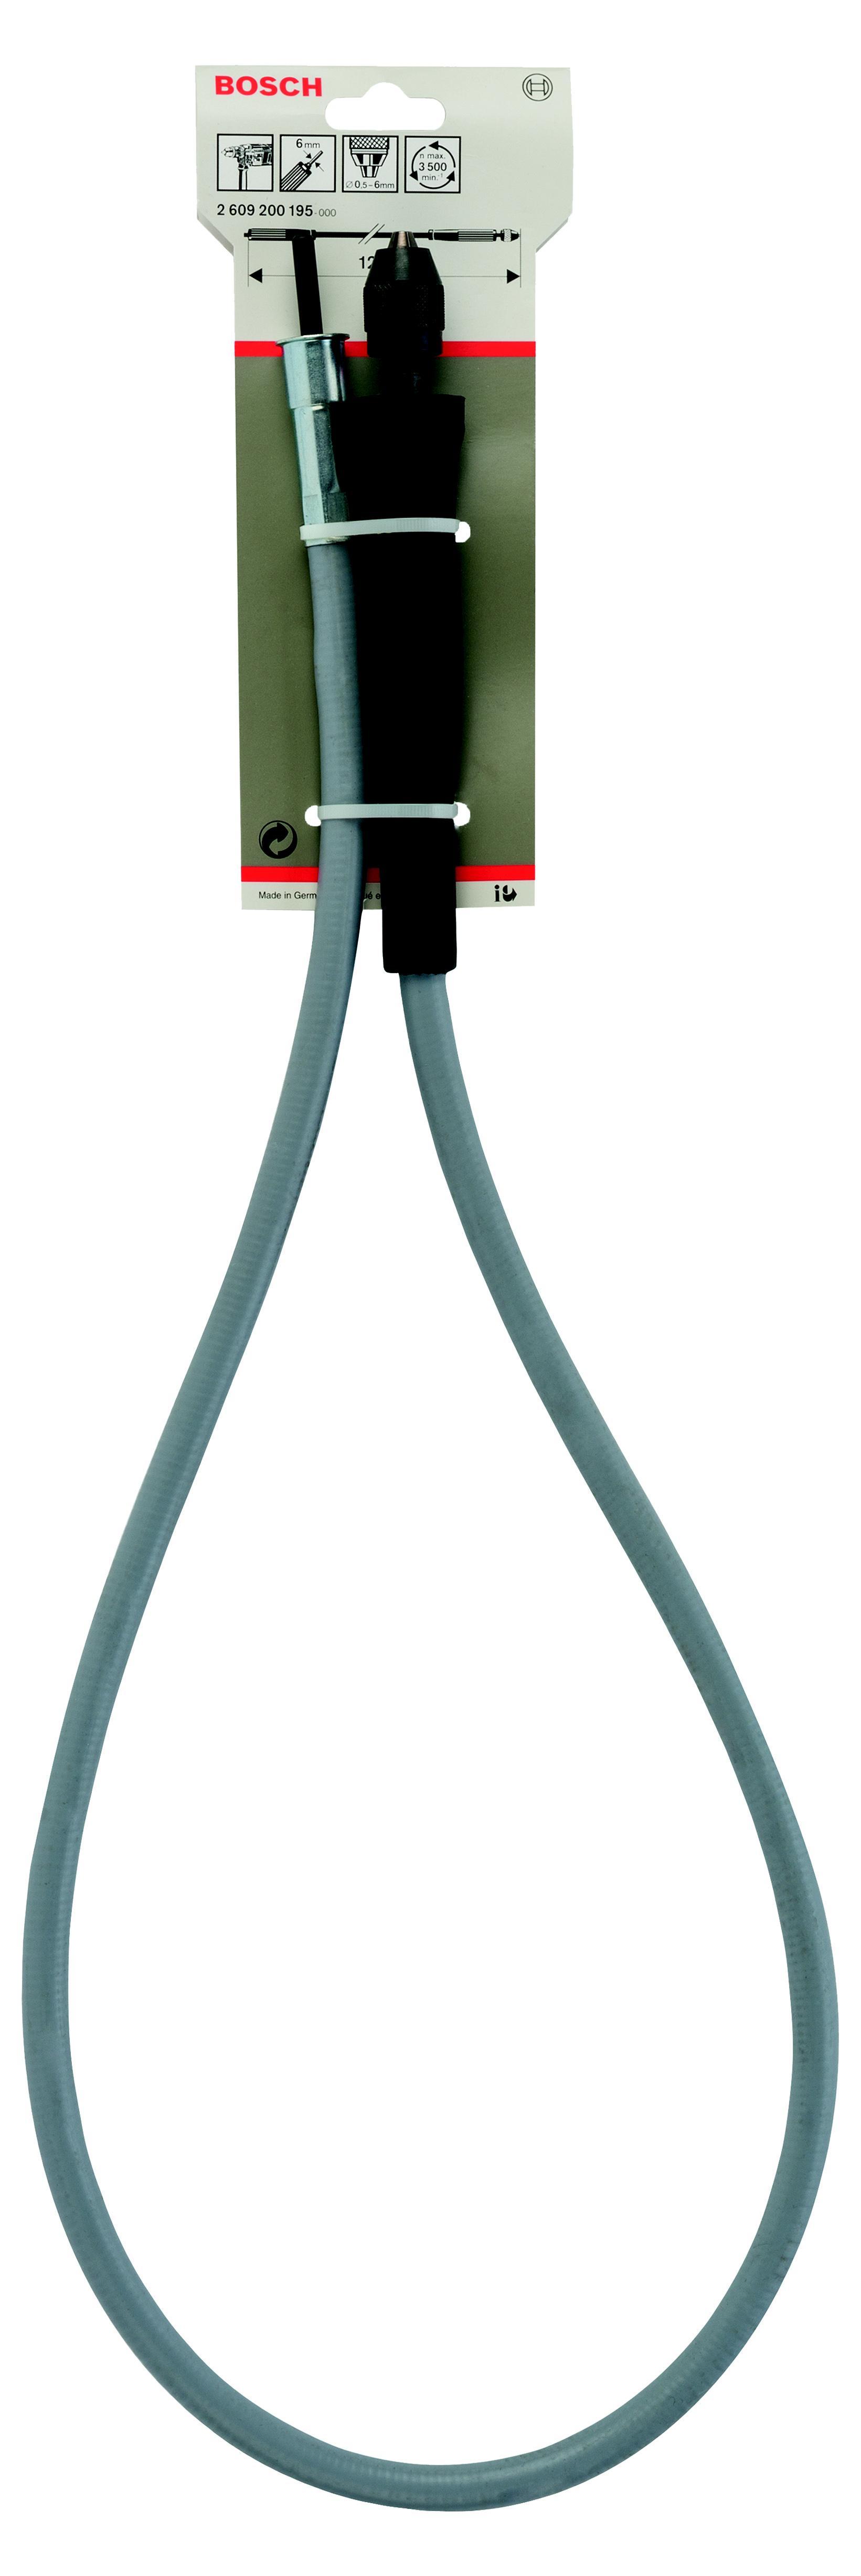 Гибкий вал для дрели Bosch гибкий вал для дрели (2.609.200.195)